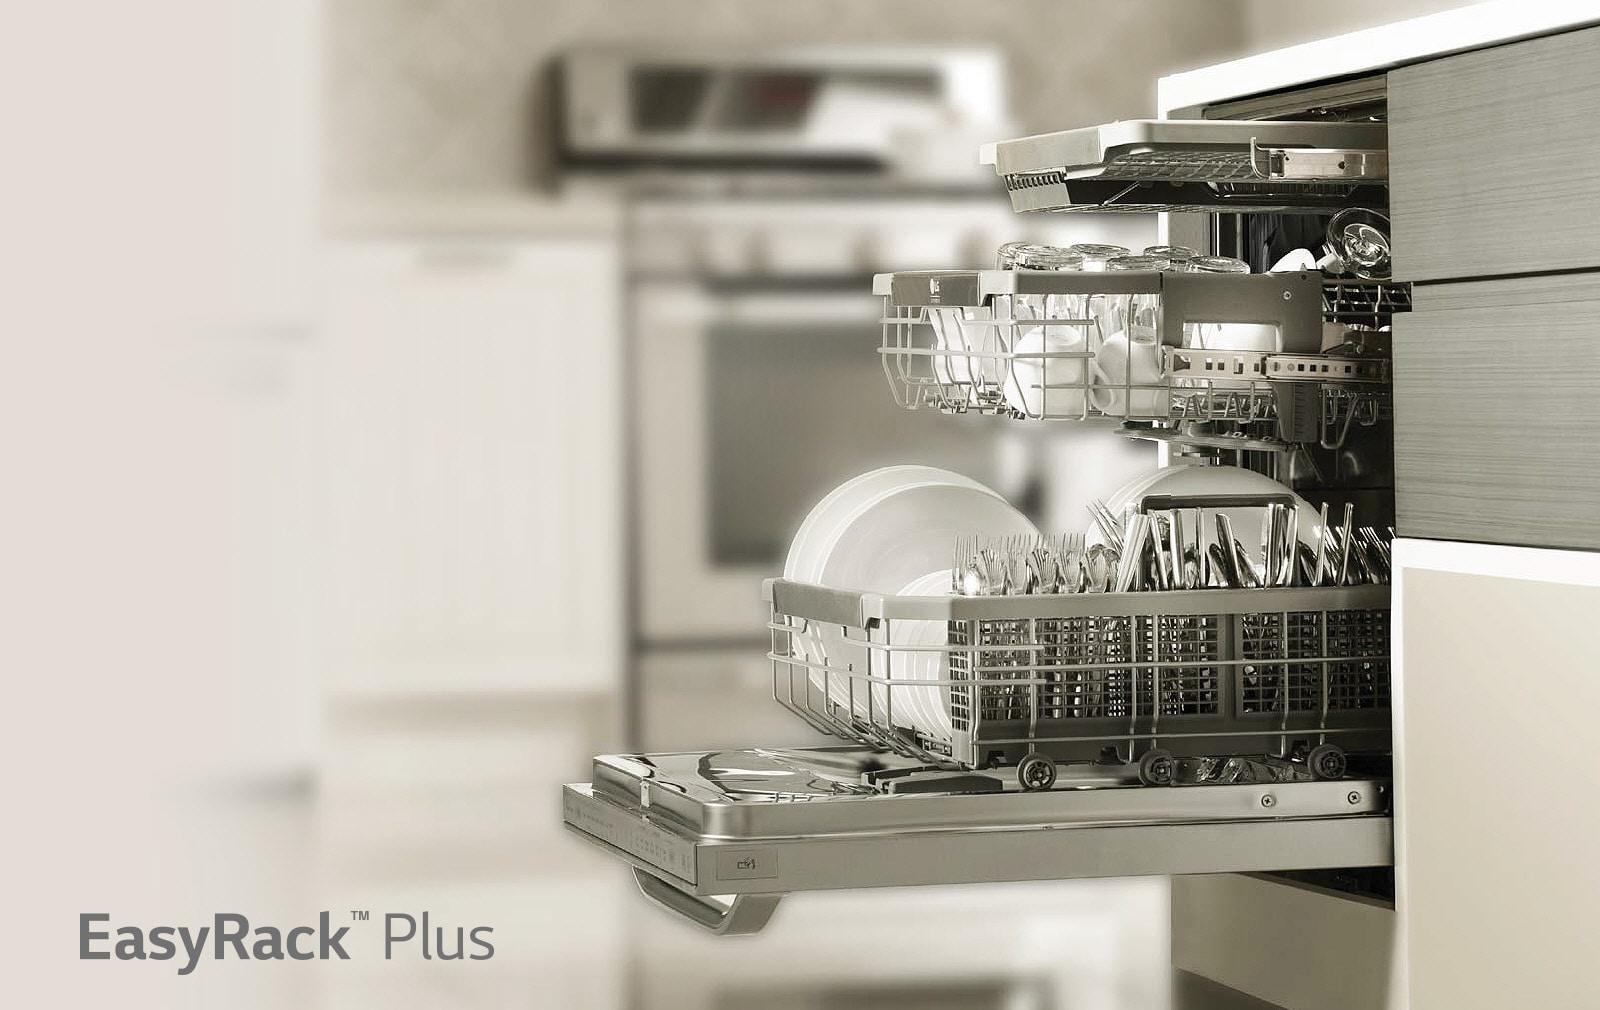 LG EasyRack Plus Dishwasher